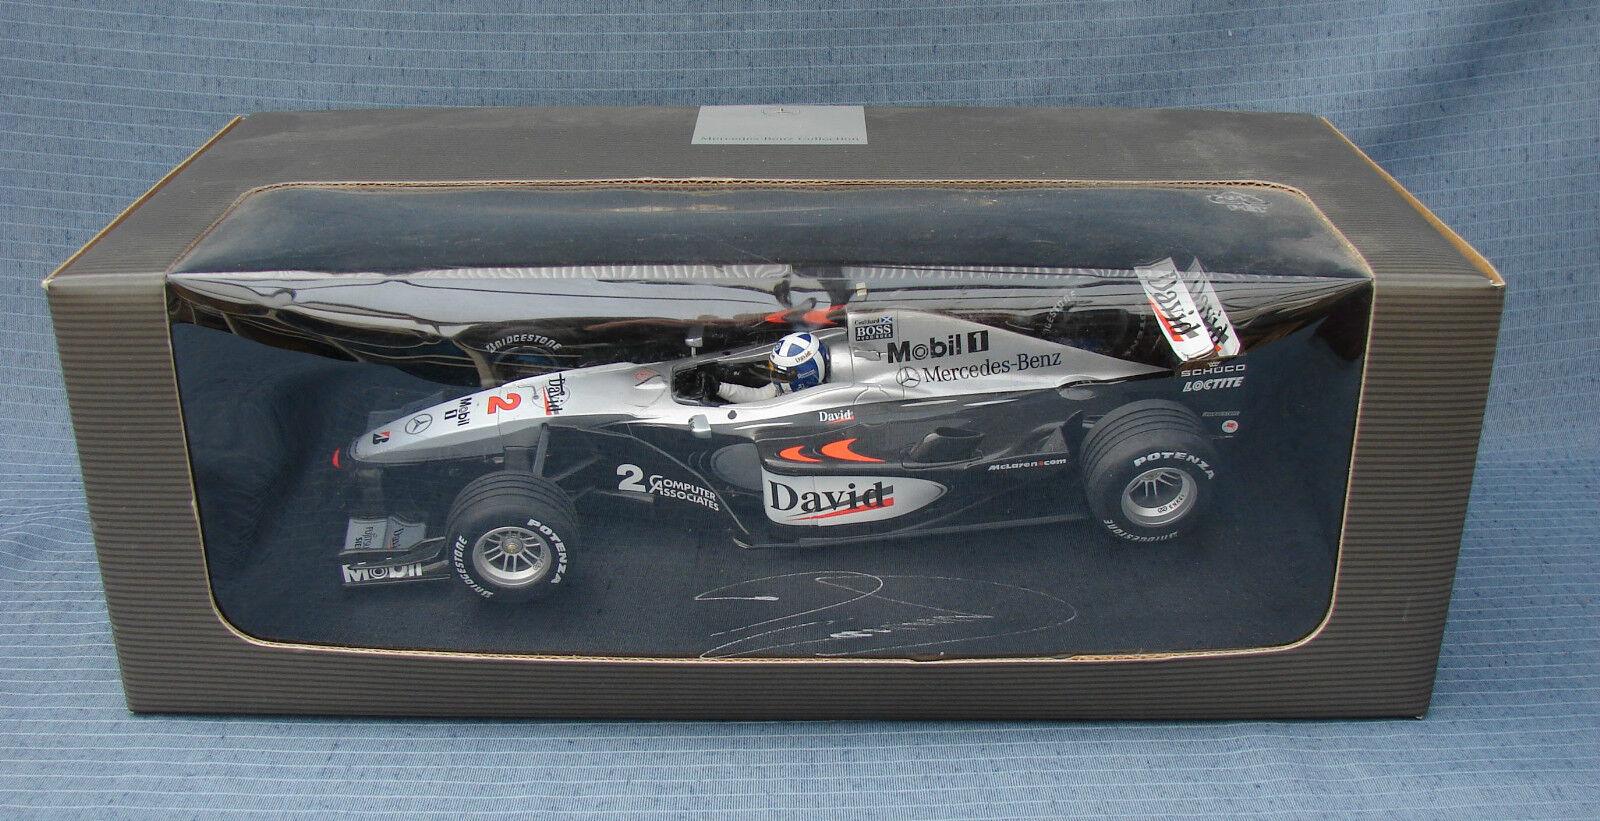 Minichamps 1 18  McLaren Mercedes MP4 15 Coulthard Autograph Collectable E1745  marques de créateurs bon marché